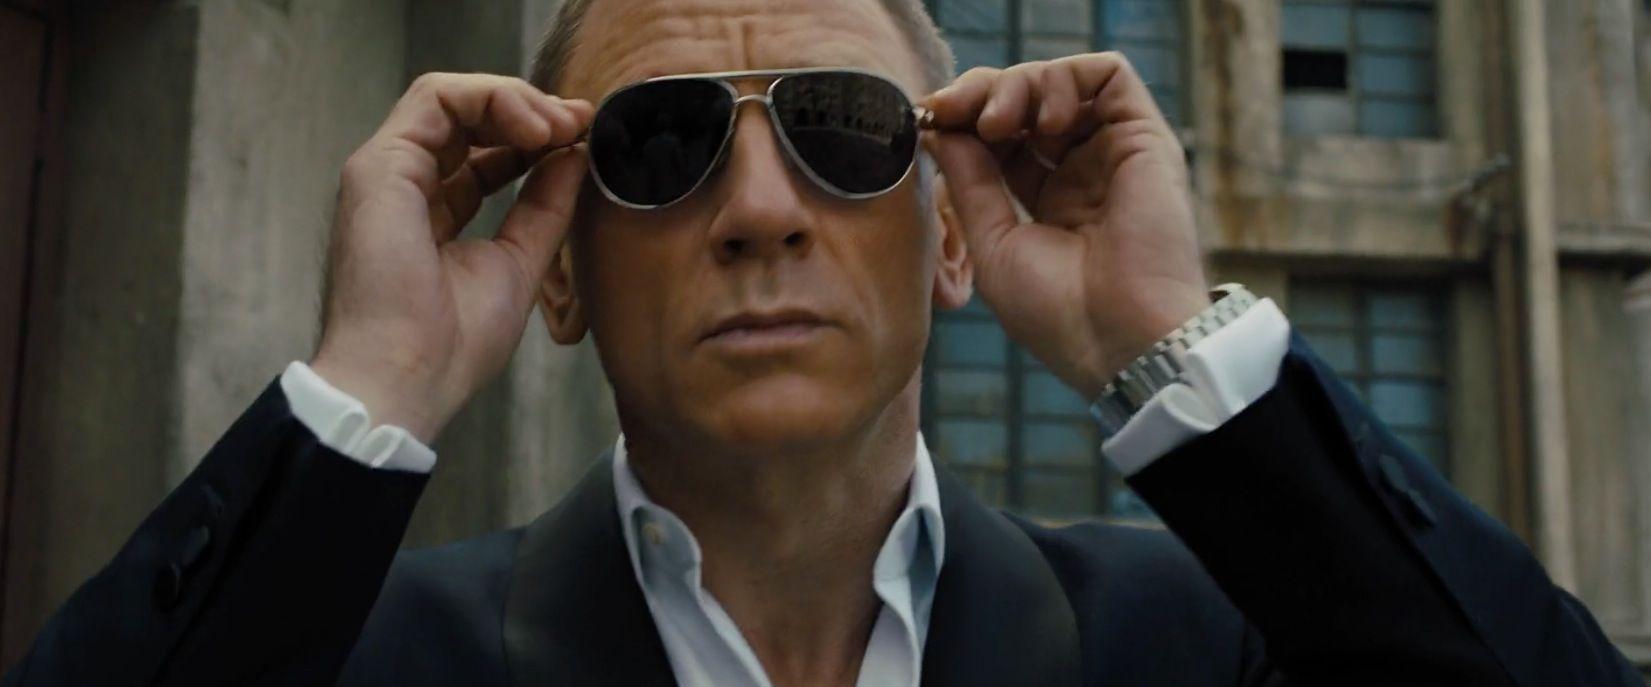 Tom Ford Marko FT0144 sunglasses worn by Daniel Craig in SKYFALL (2012) @ tomford | Daniel craig james bond, Tom ford aviator sunglasses, Tom ford aviators